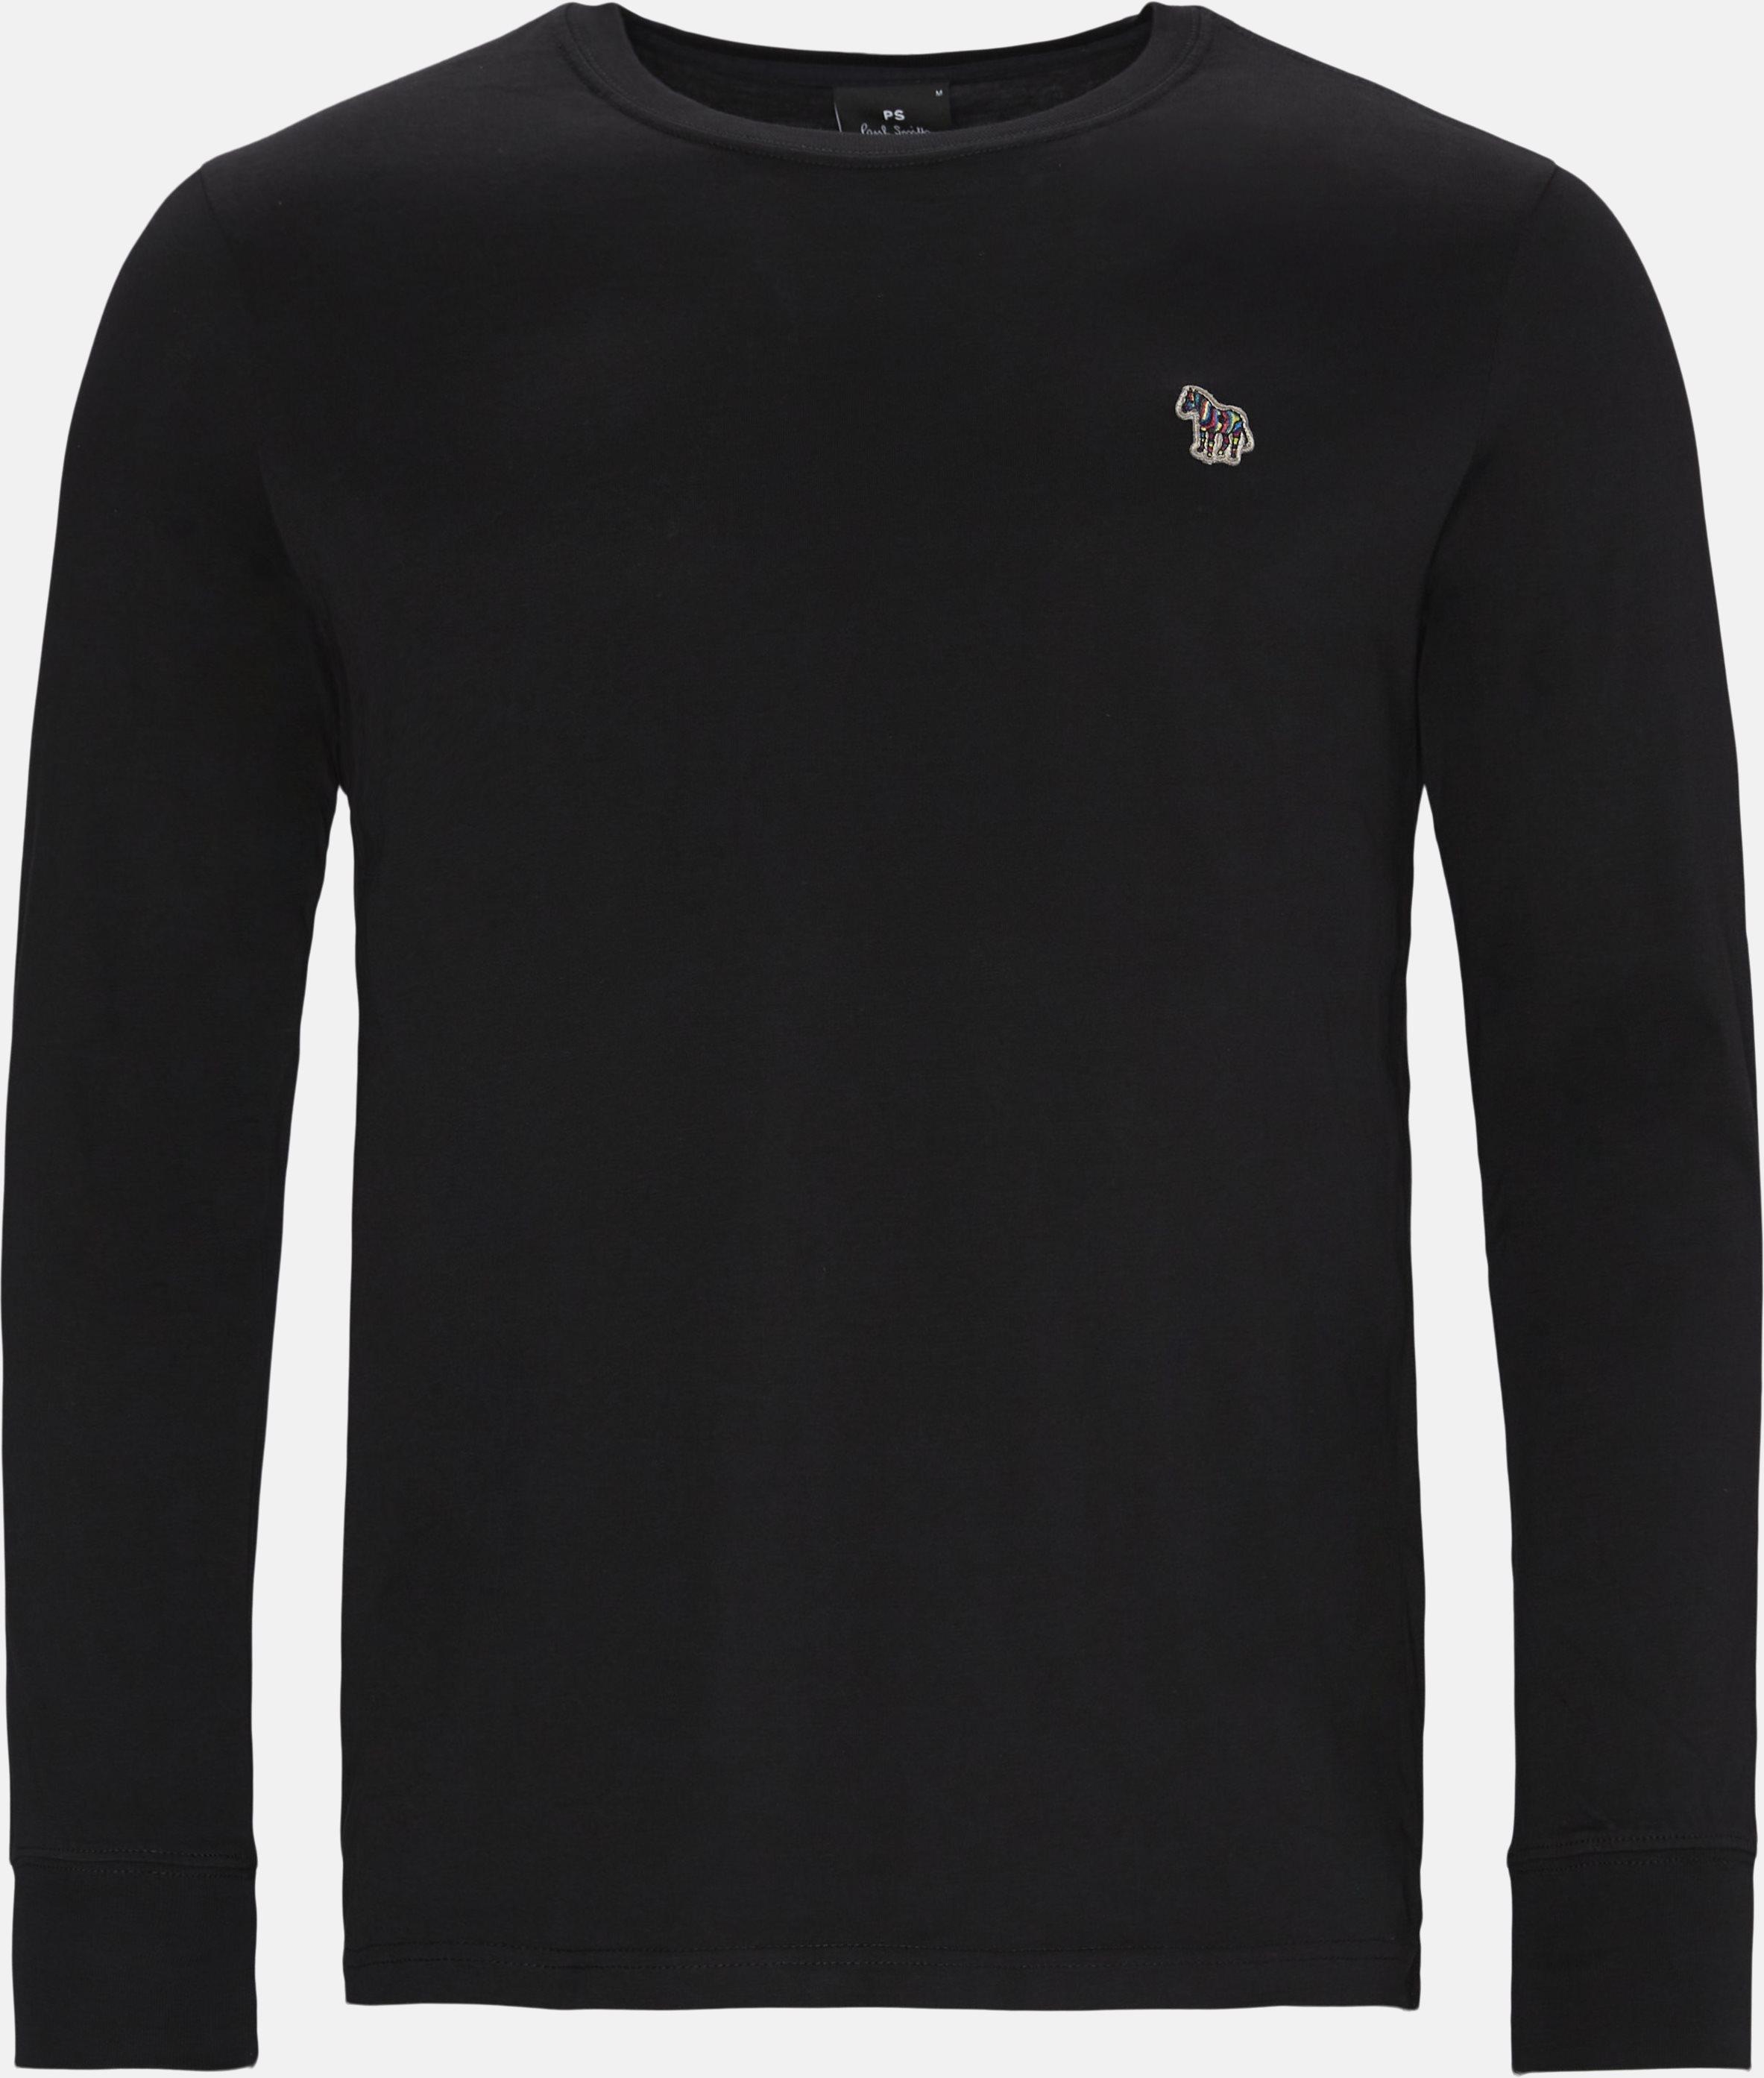 Langærmede t-shirts - Regular fit - Sort